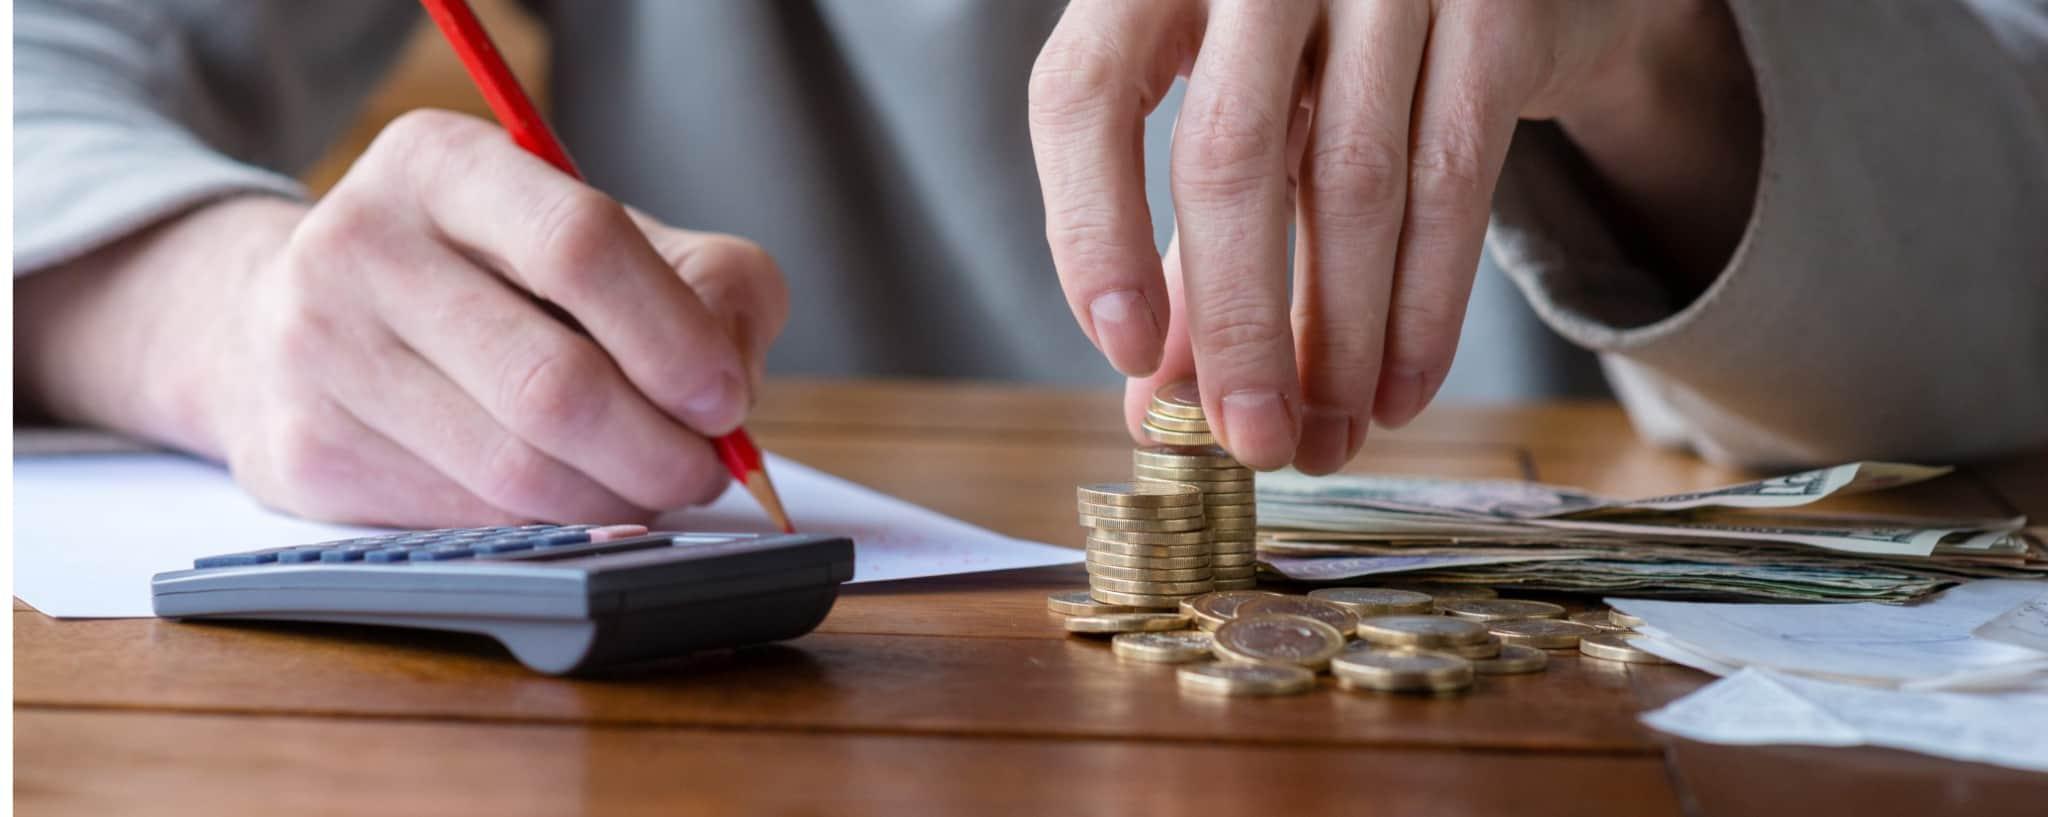 finanças-pessoais_calculadora-reorganizar-poupar-poupança